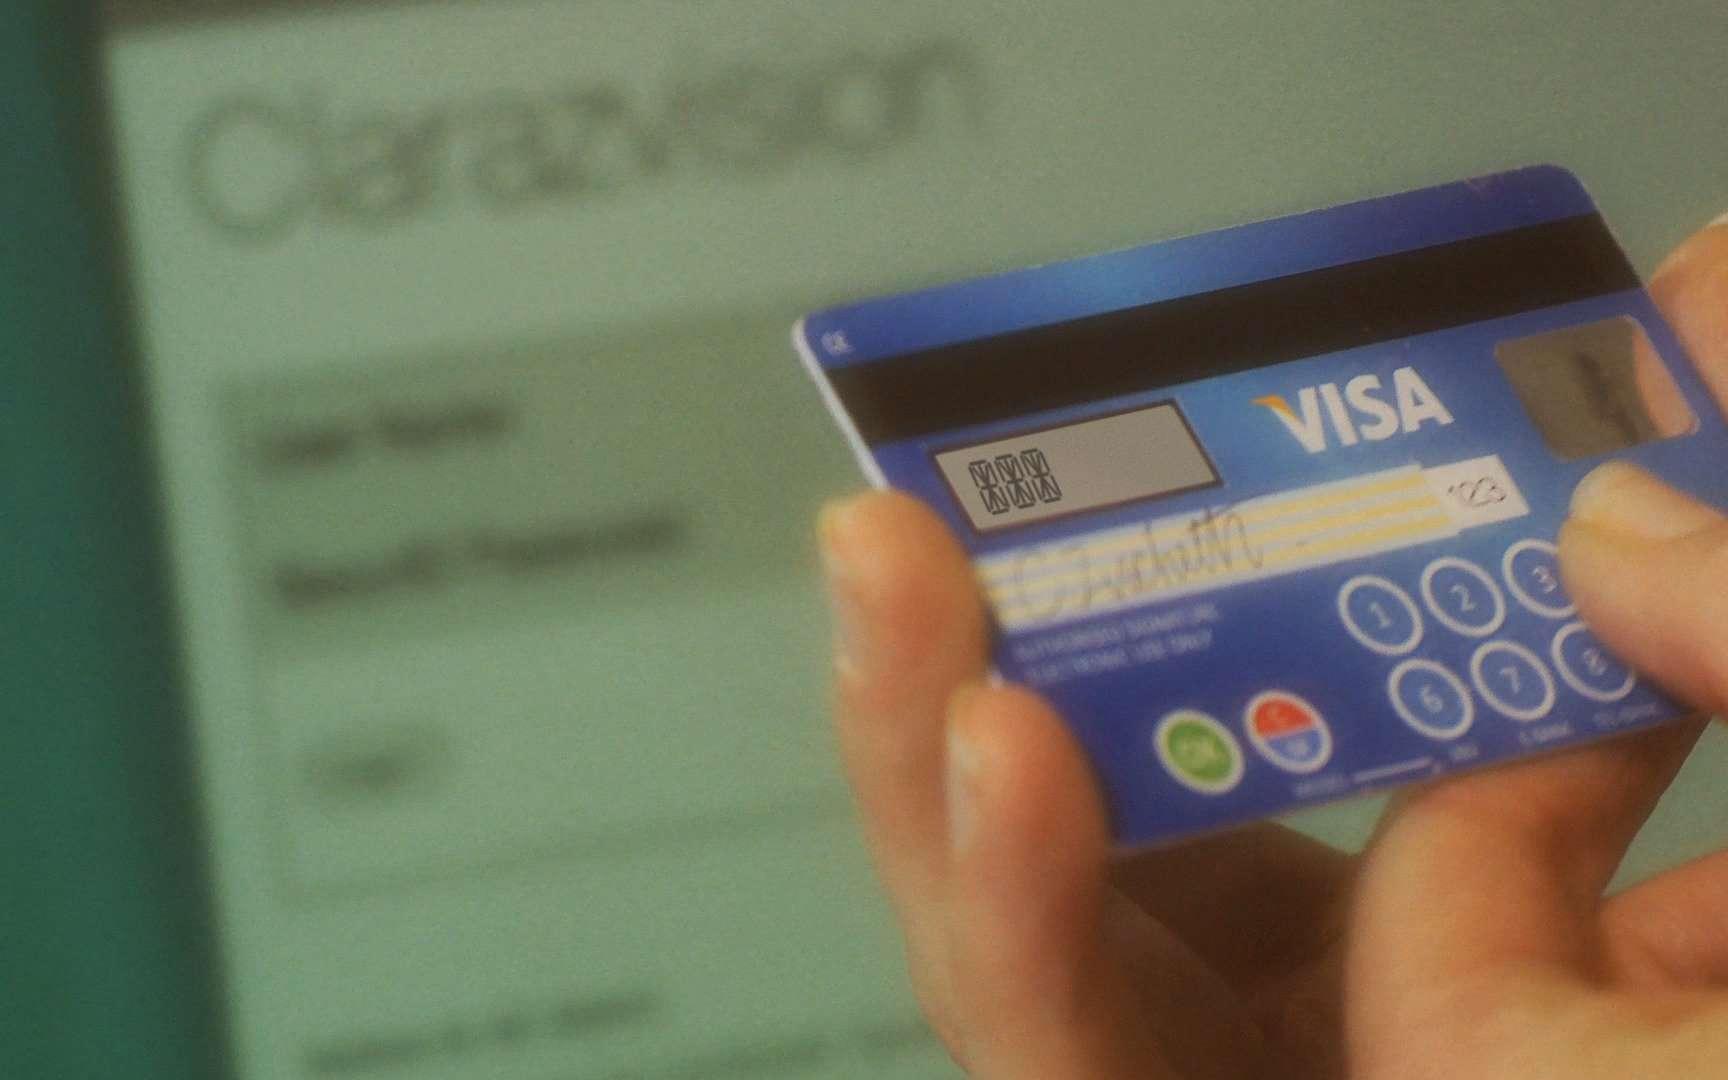 La carte de Mastercard ressemble techniquement au projet CodeSure Matrix Display Card de son concurrent Visa. Présentées il y a un an, les cartes dotées de ce dispositif arrivent actuellement en Europe. © Visa